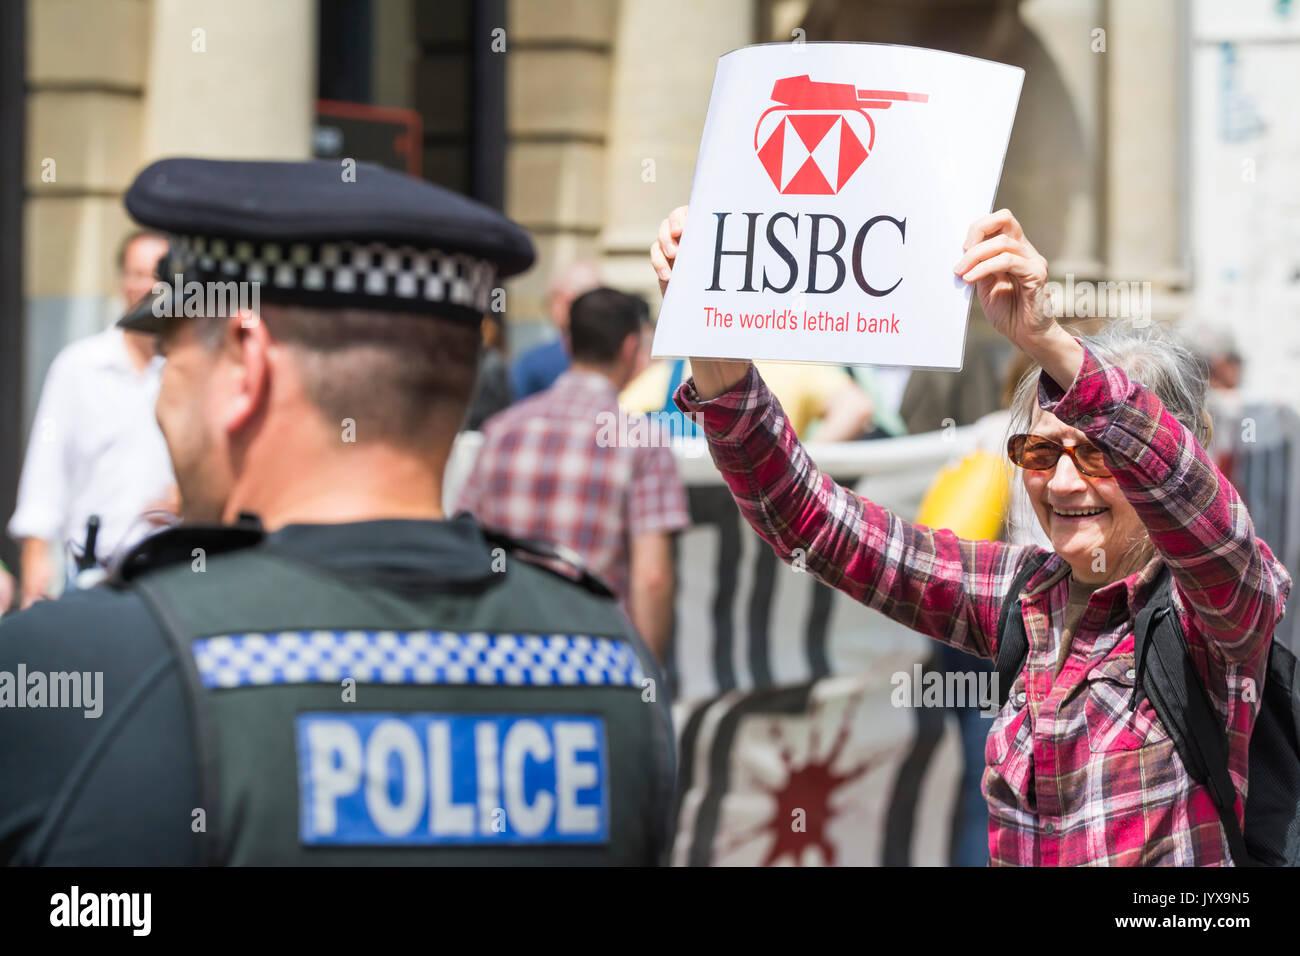 """Demonstrant hält ein Schild da, auf Protest von oben scharf Israel"""" außerhalb der HSBC Bank in Brighton, East Sussex, England, UK. Stockbild"""